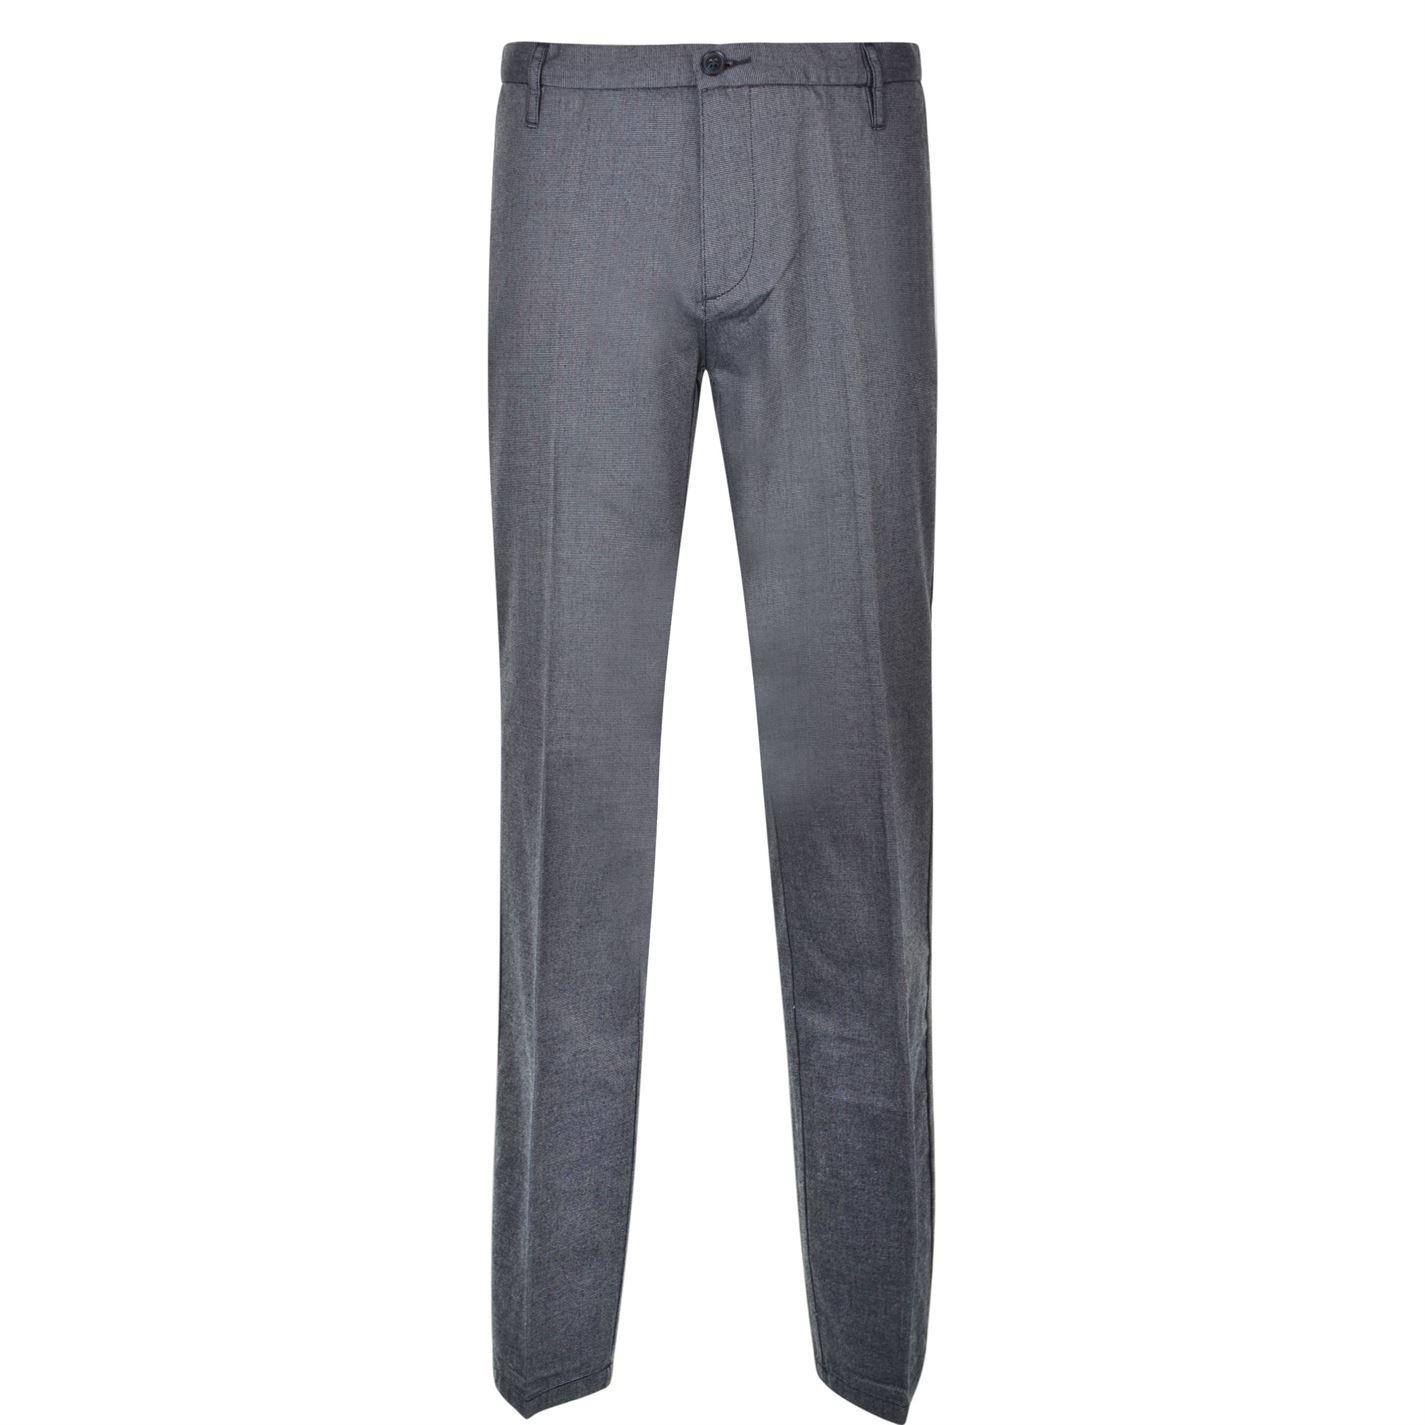 DKNY Pattern Trousers